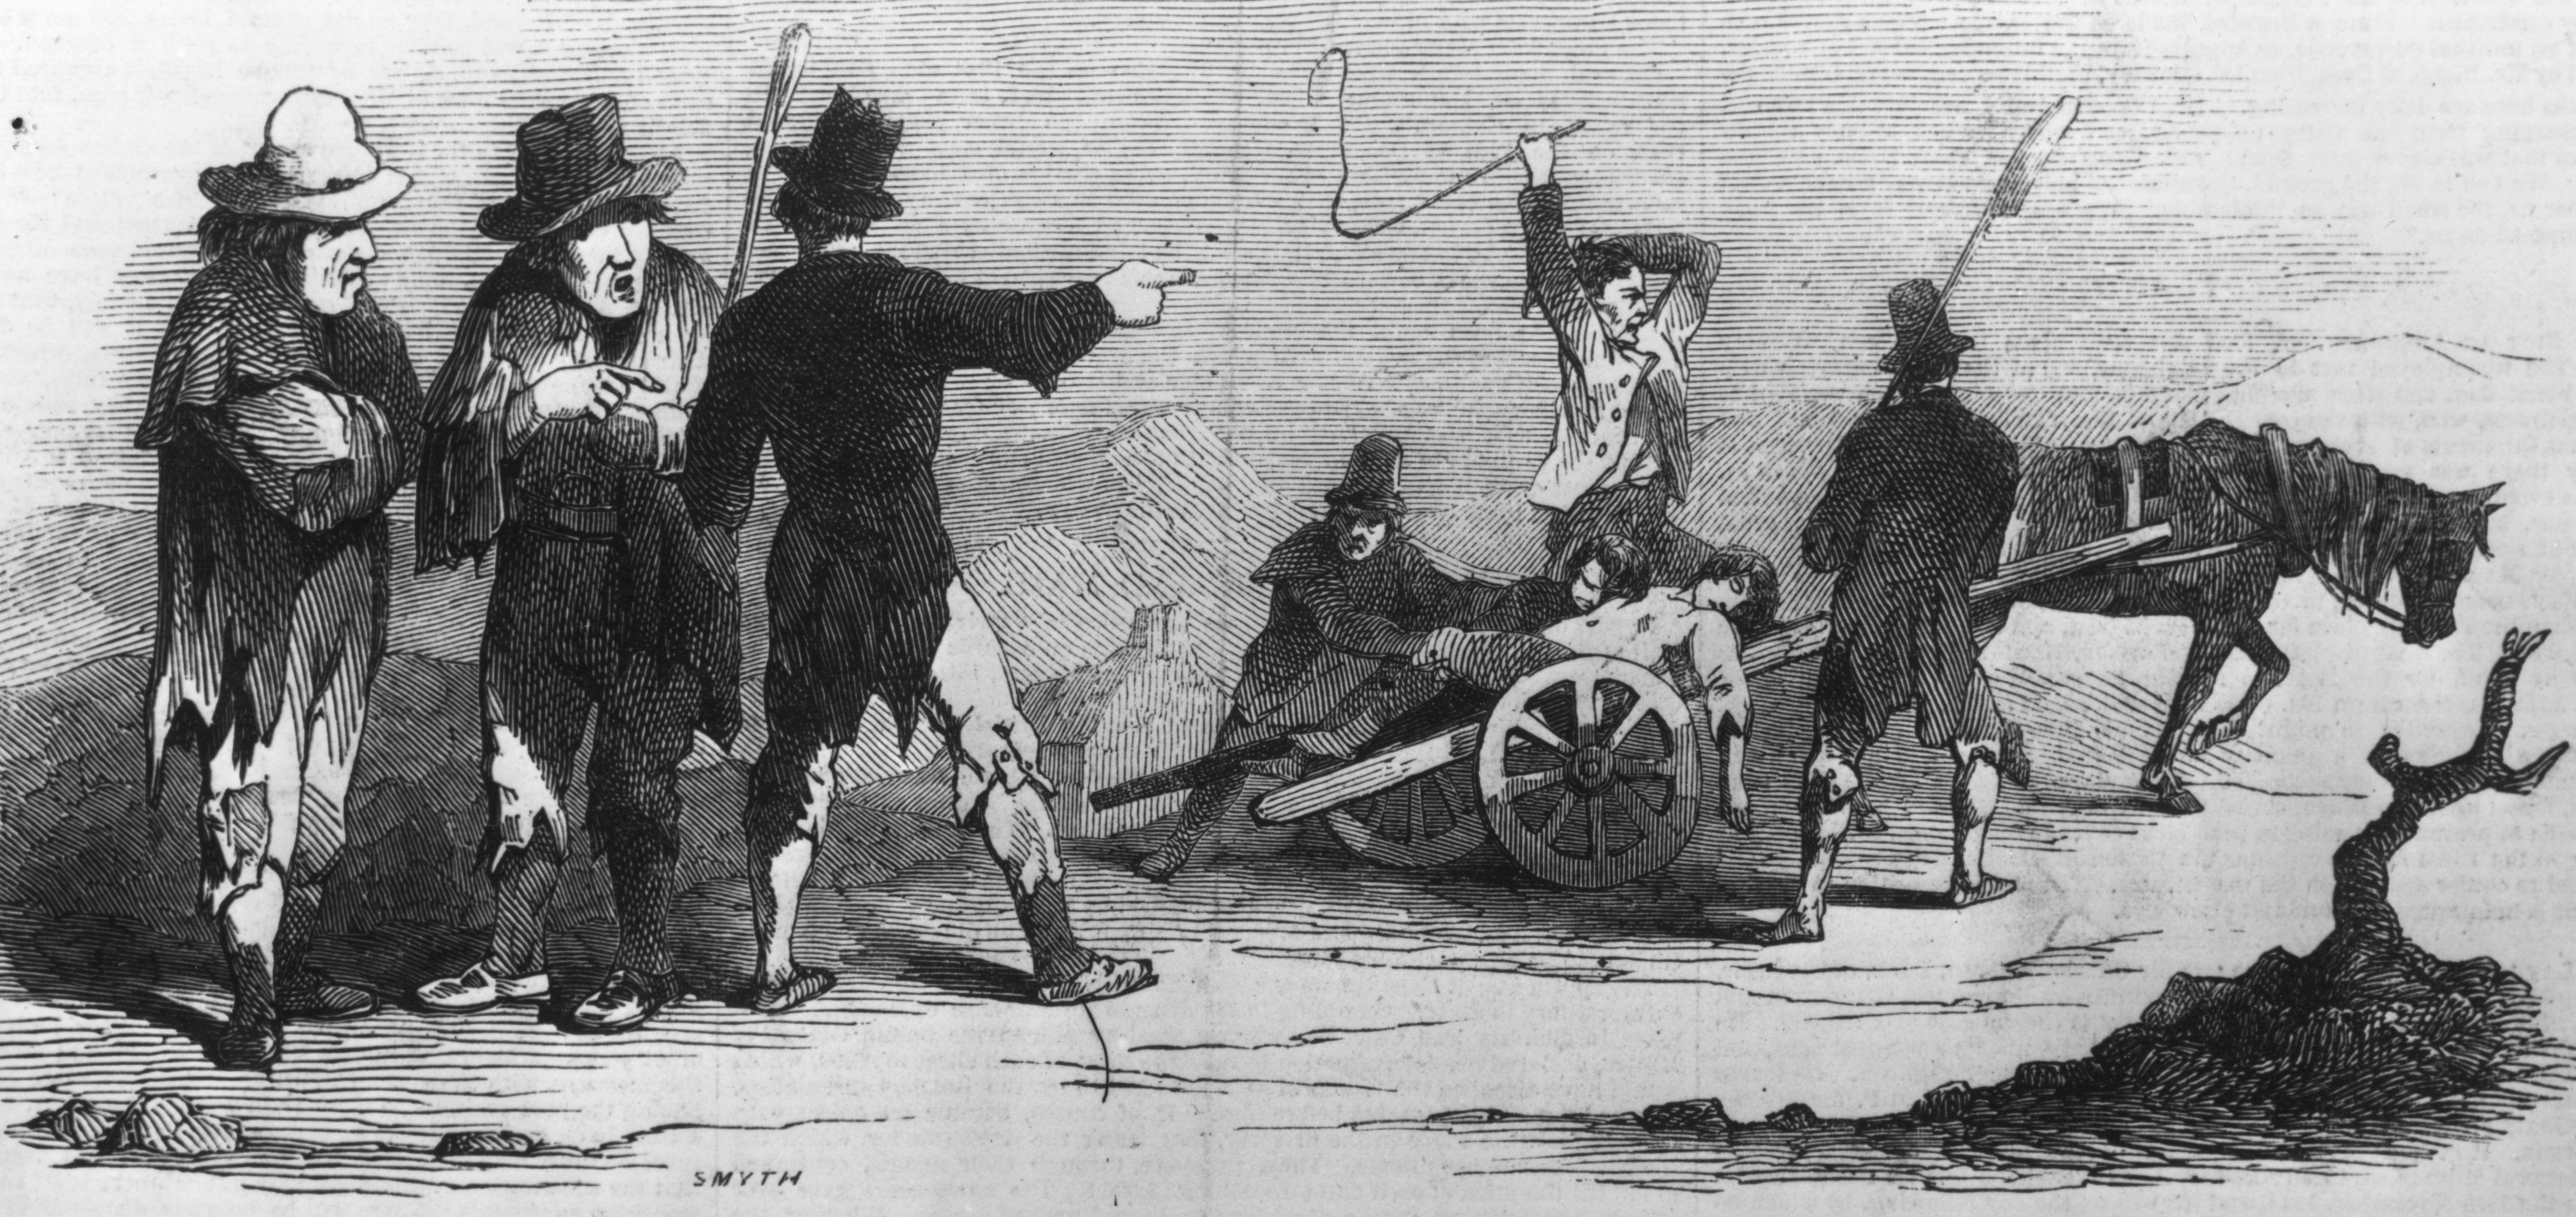 When Was The Potato Famine  When America Despised the Irish The 19th Century's